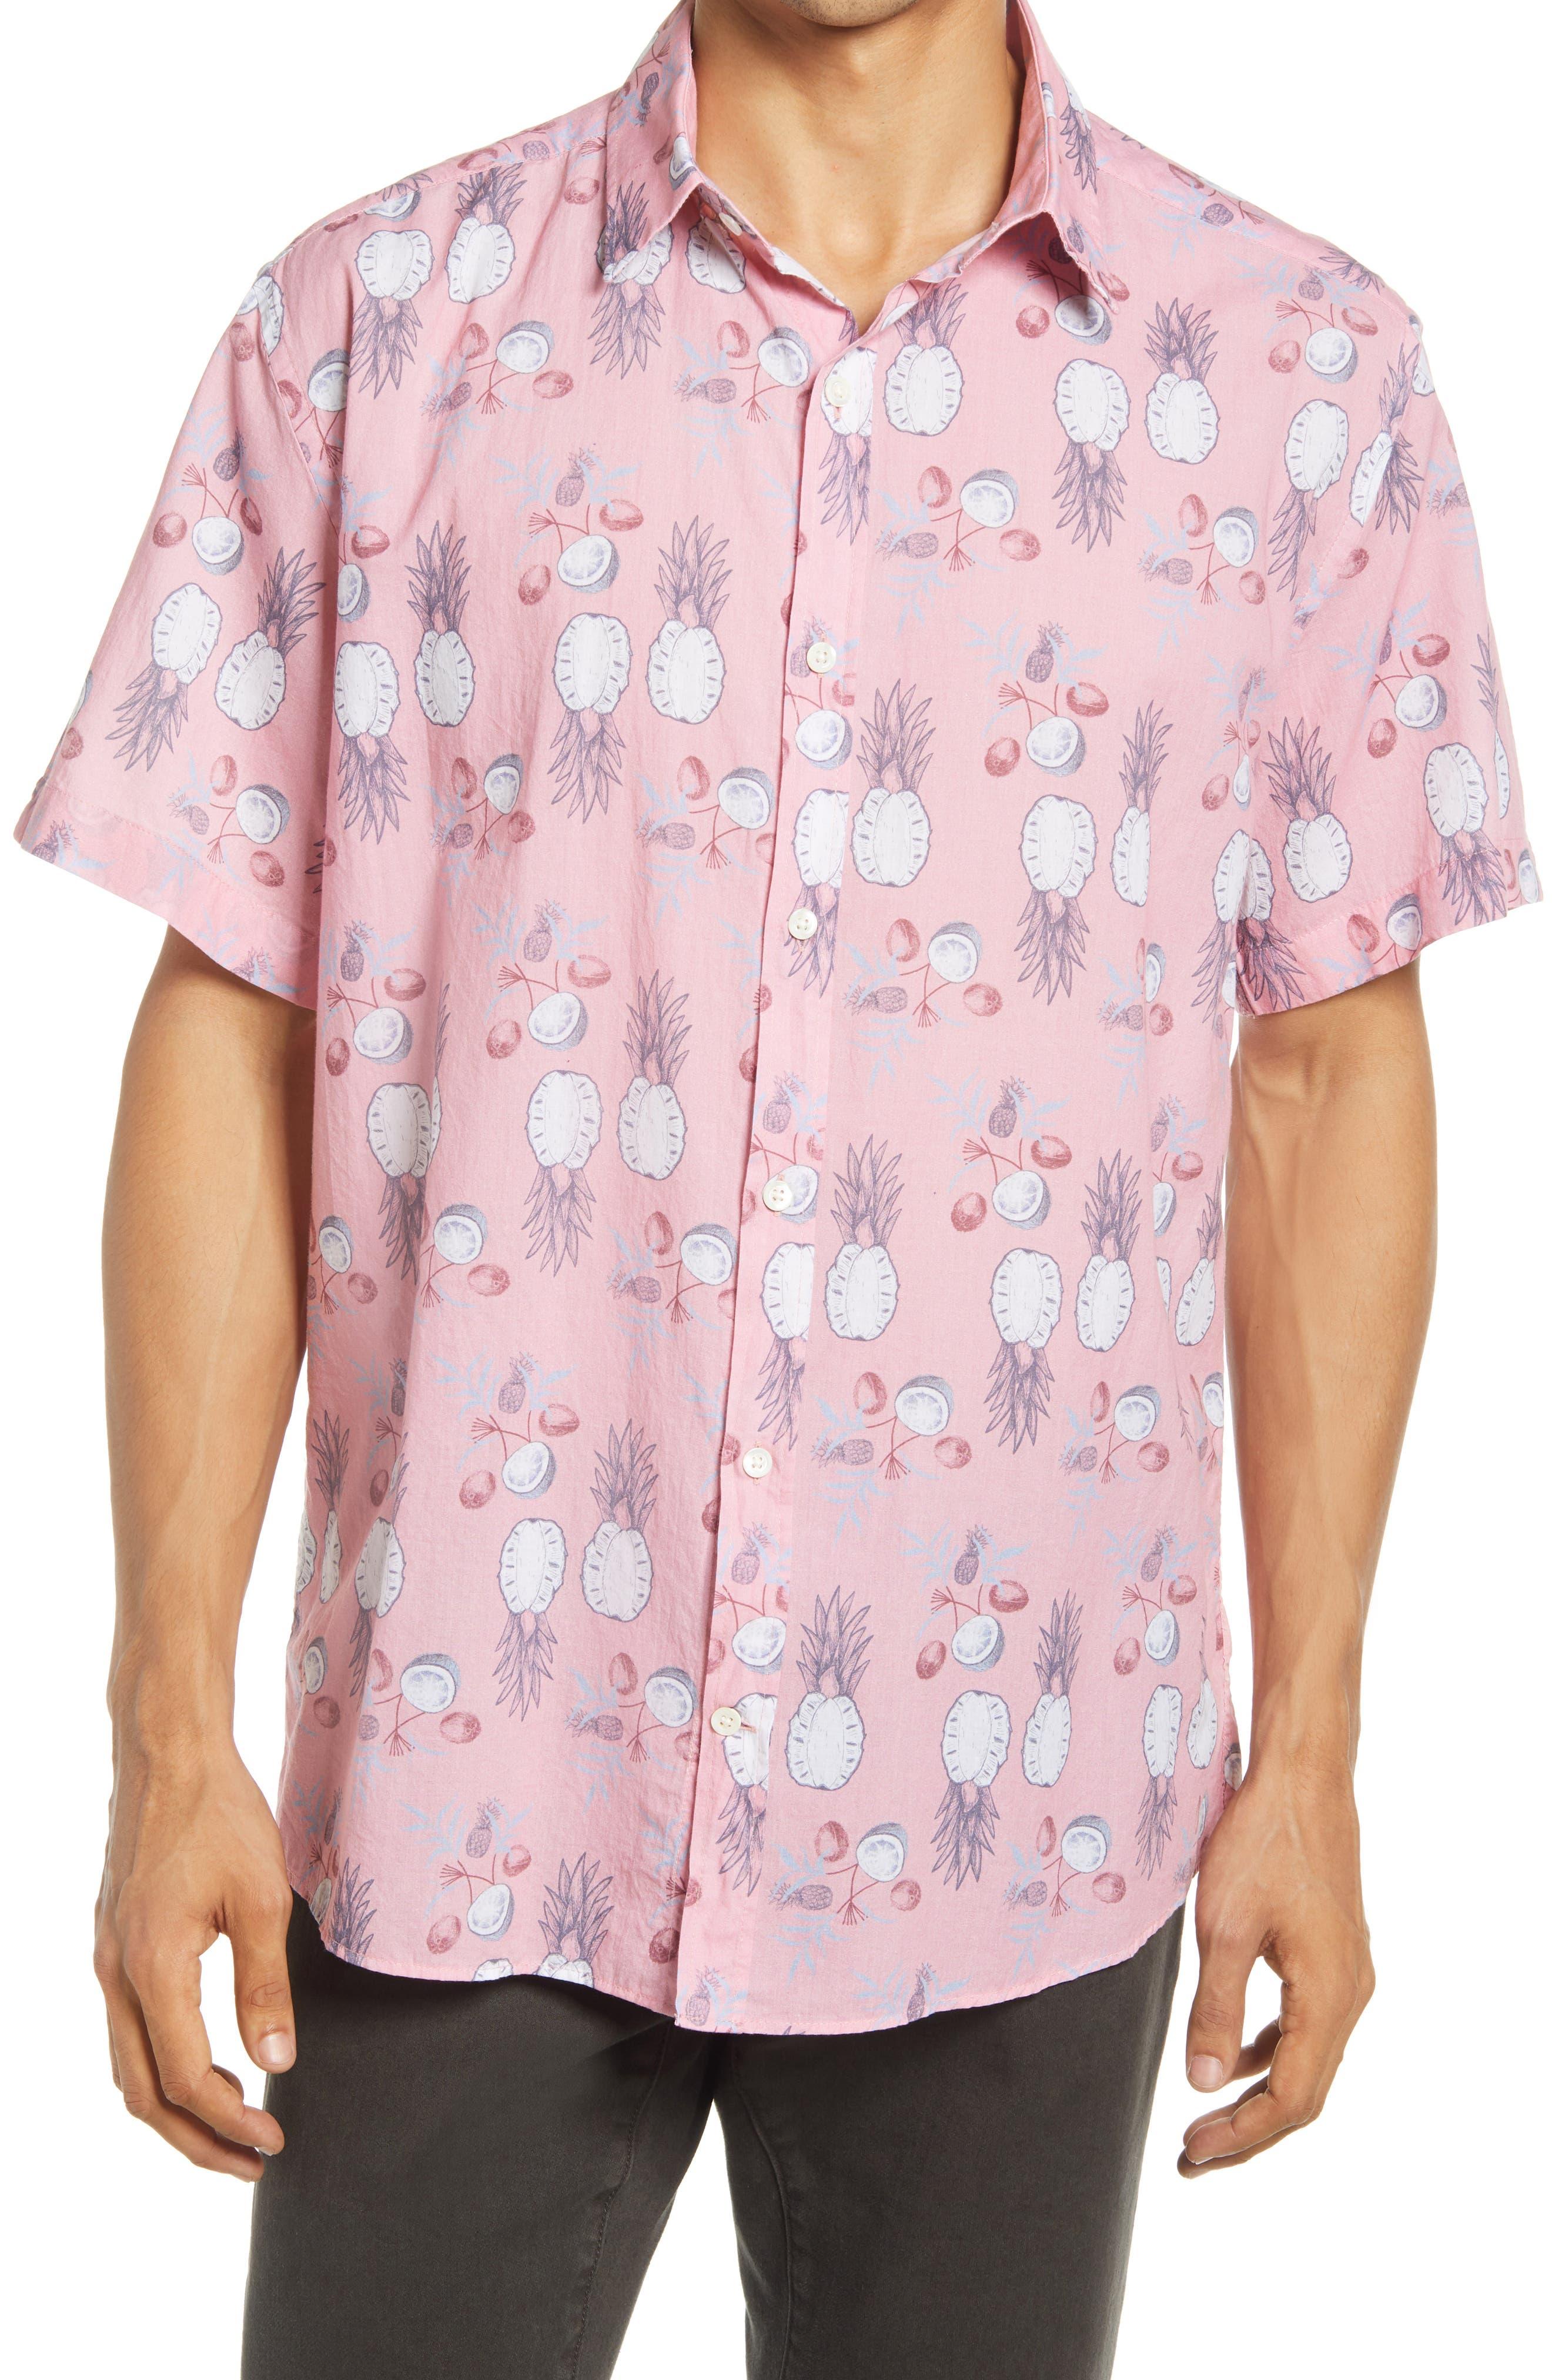 Pineapple Print Short Sleeve Button-Up Shirt